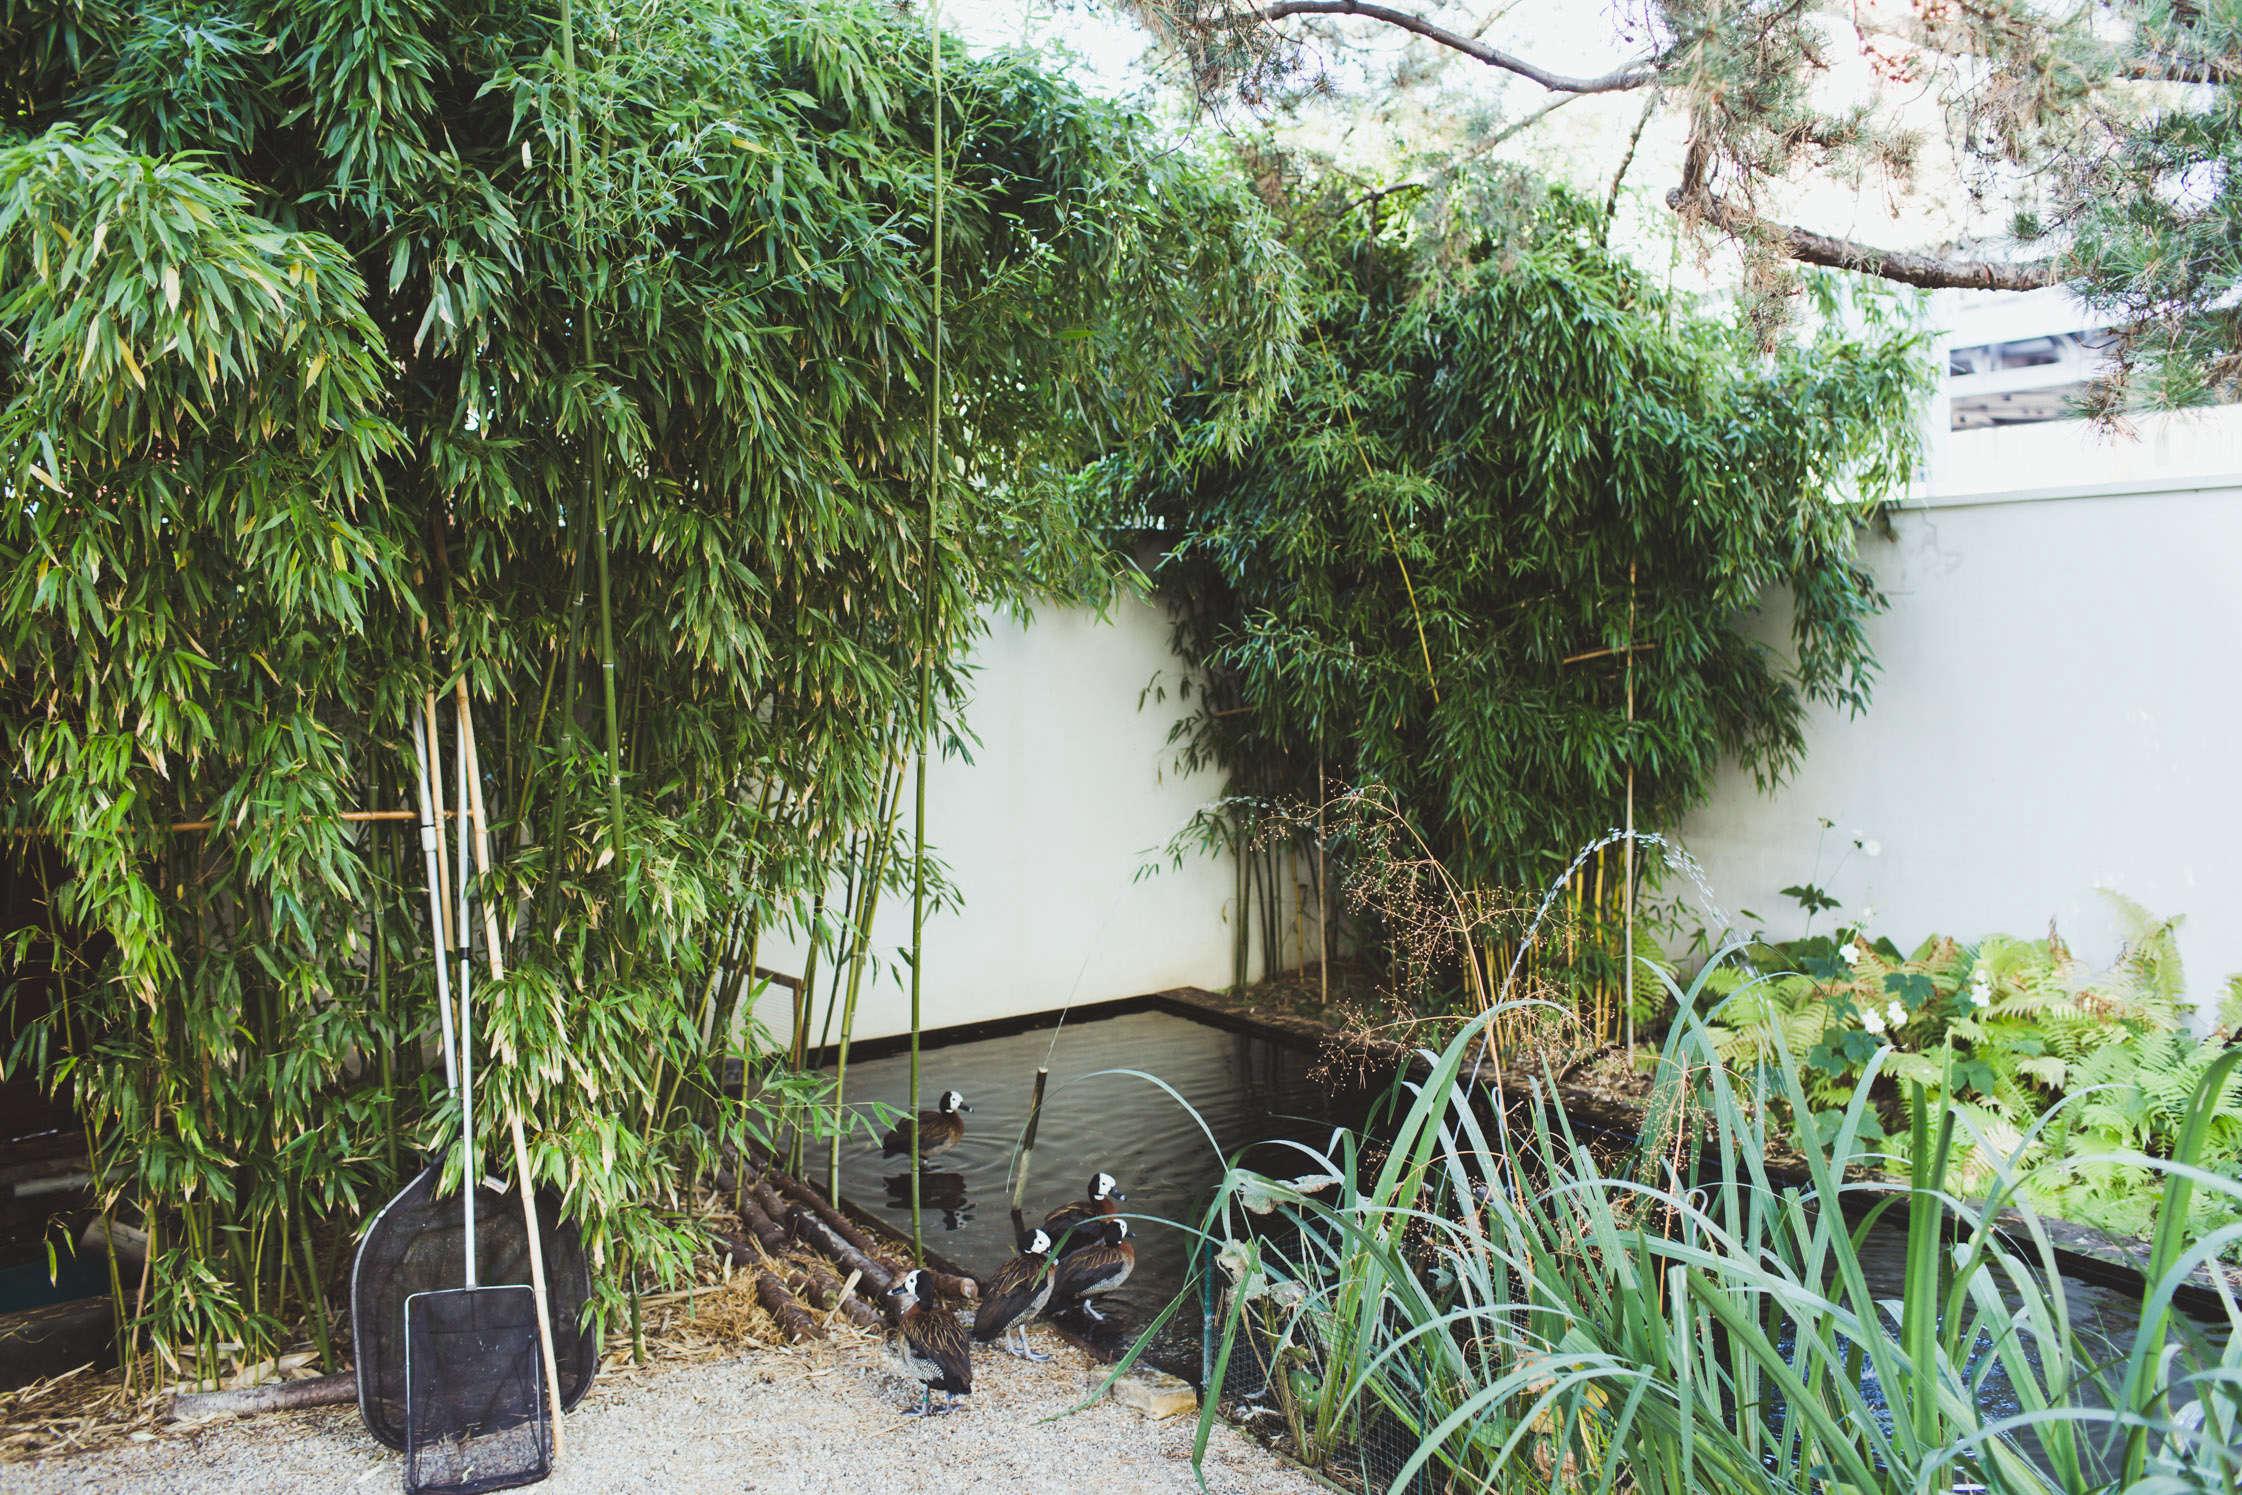 gas-station-garden-pond-Freunde-von-Freunden-Juerg-Judin-gardenista